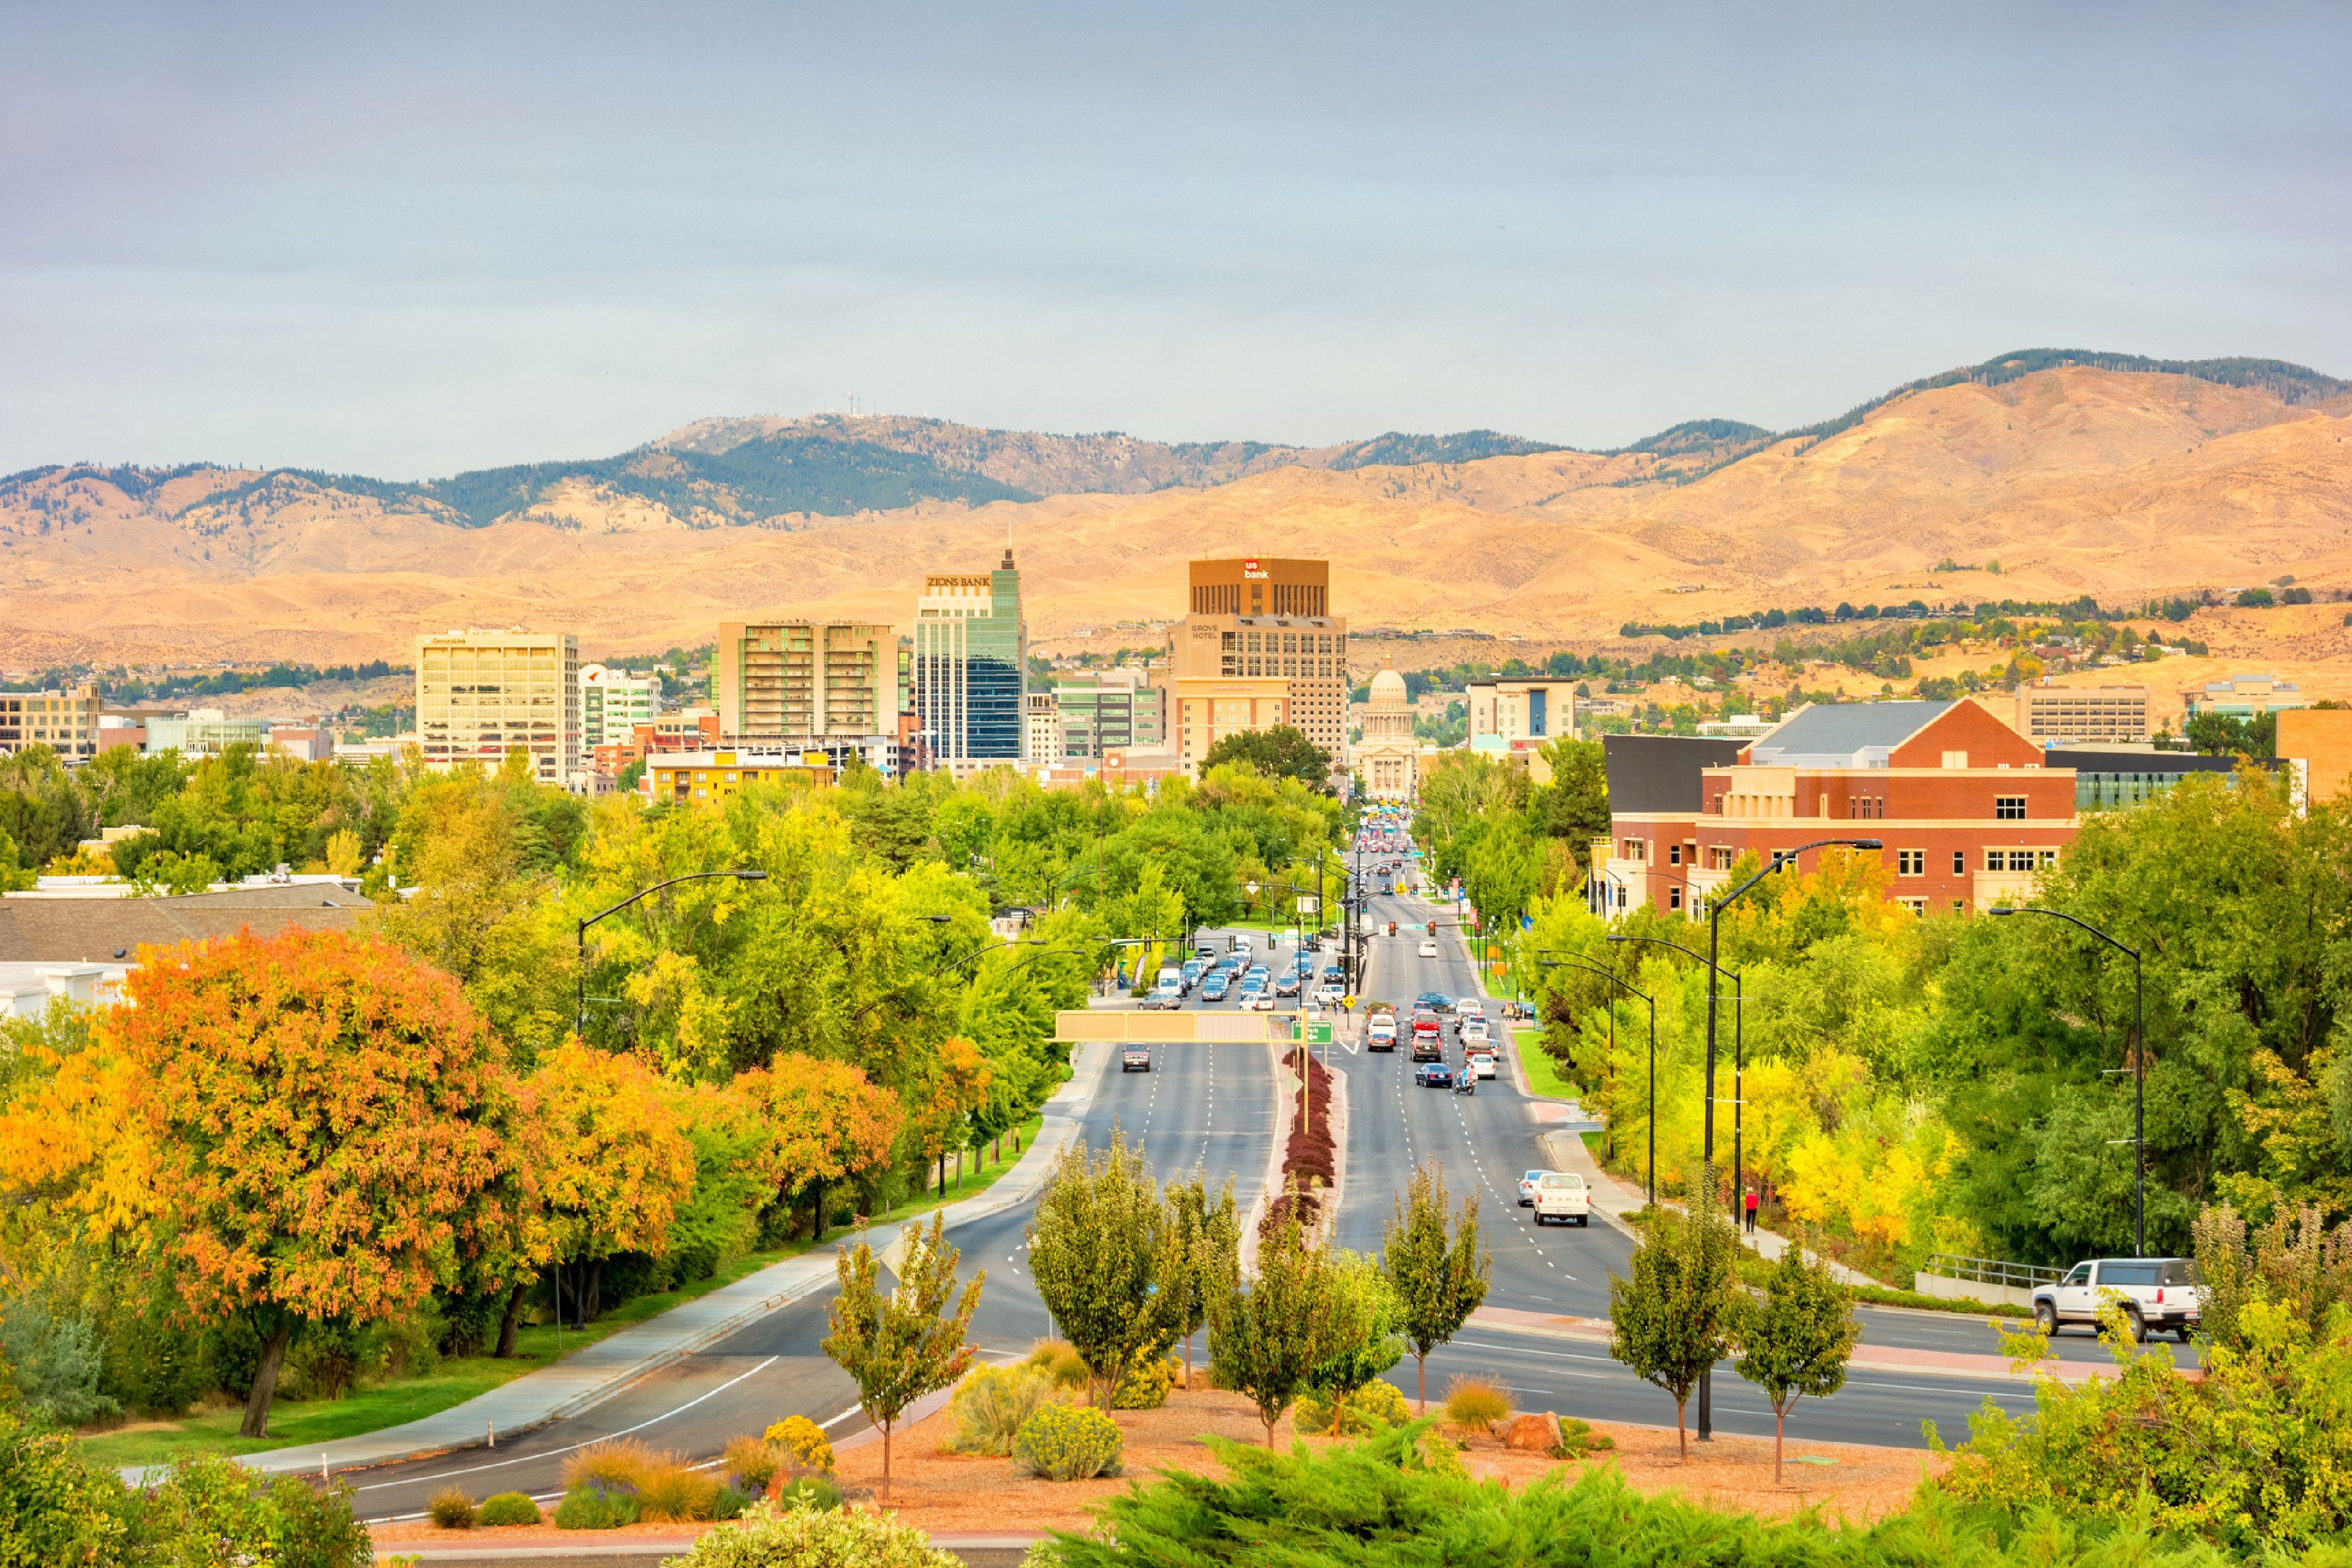 Downtown Boise Idaho USA